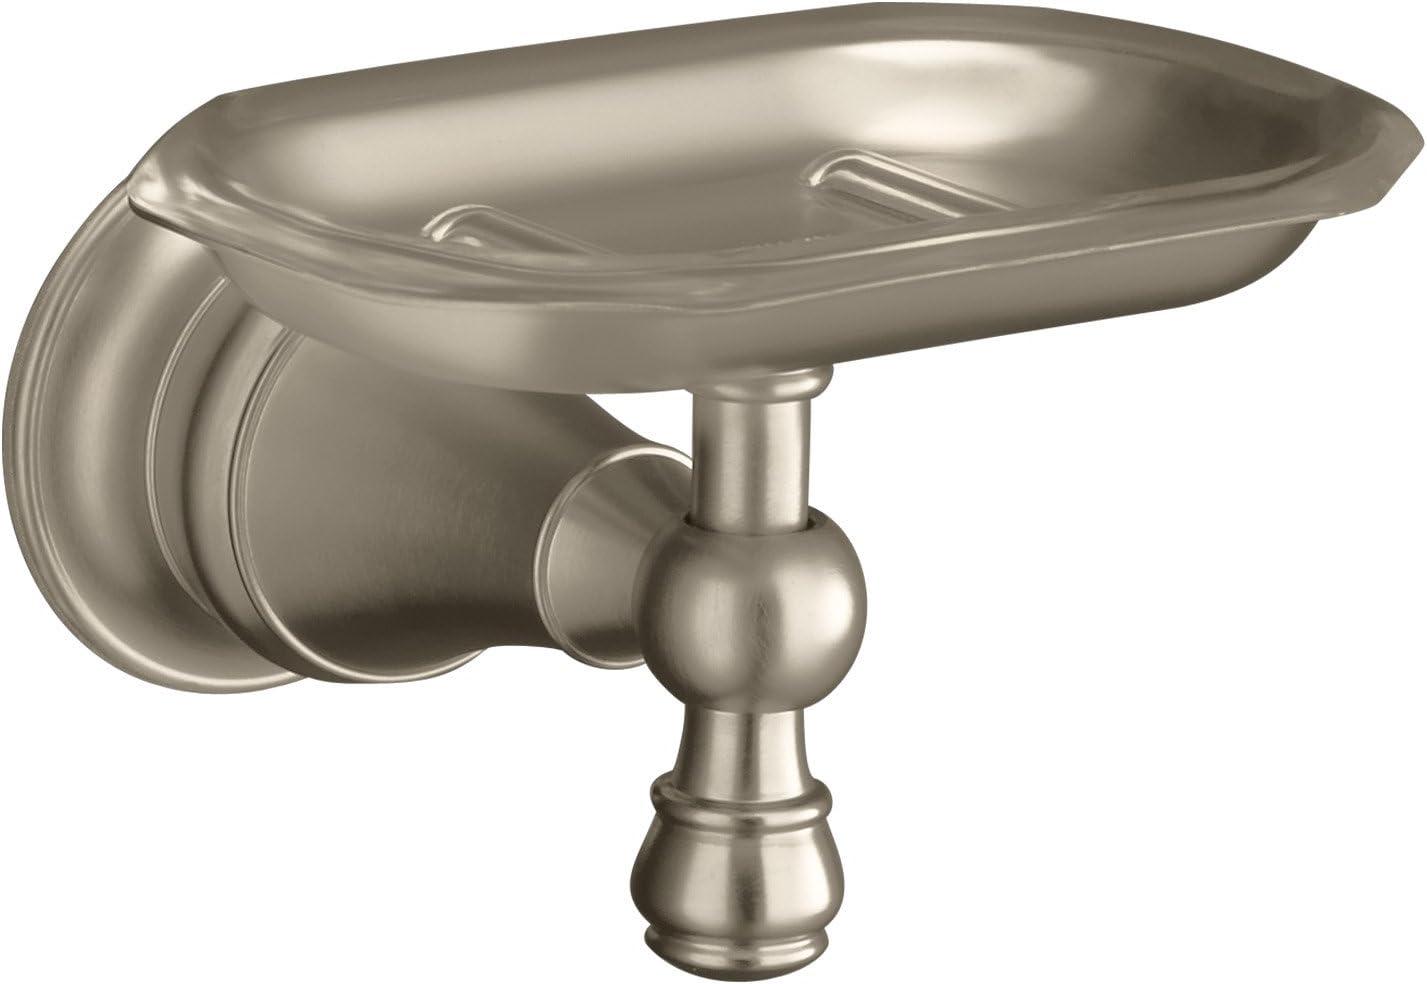 Wholesale KOHLER K-16142-BV Revival Soap Bronze Brushed Dish Vibrant Financial sales sale